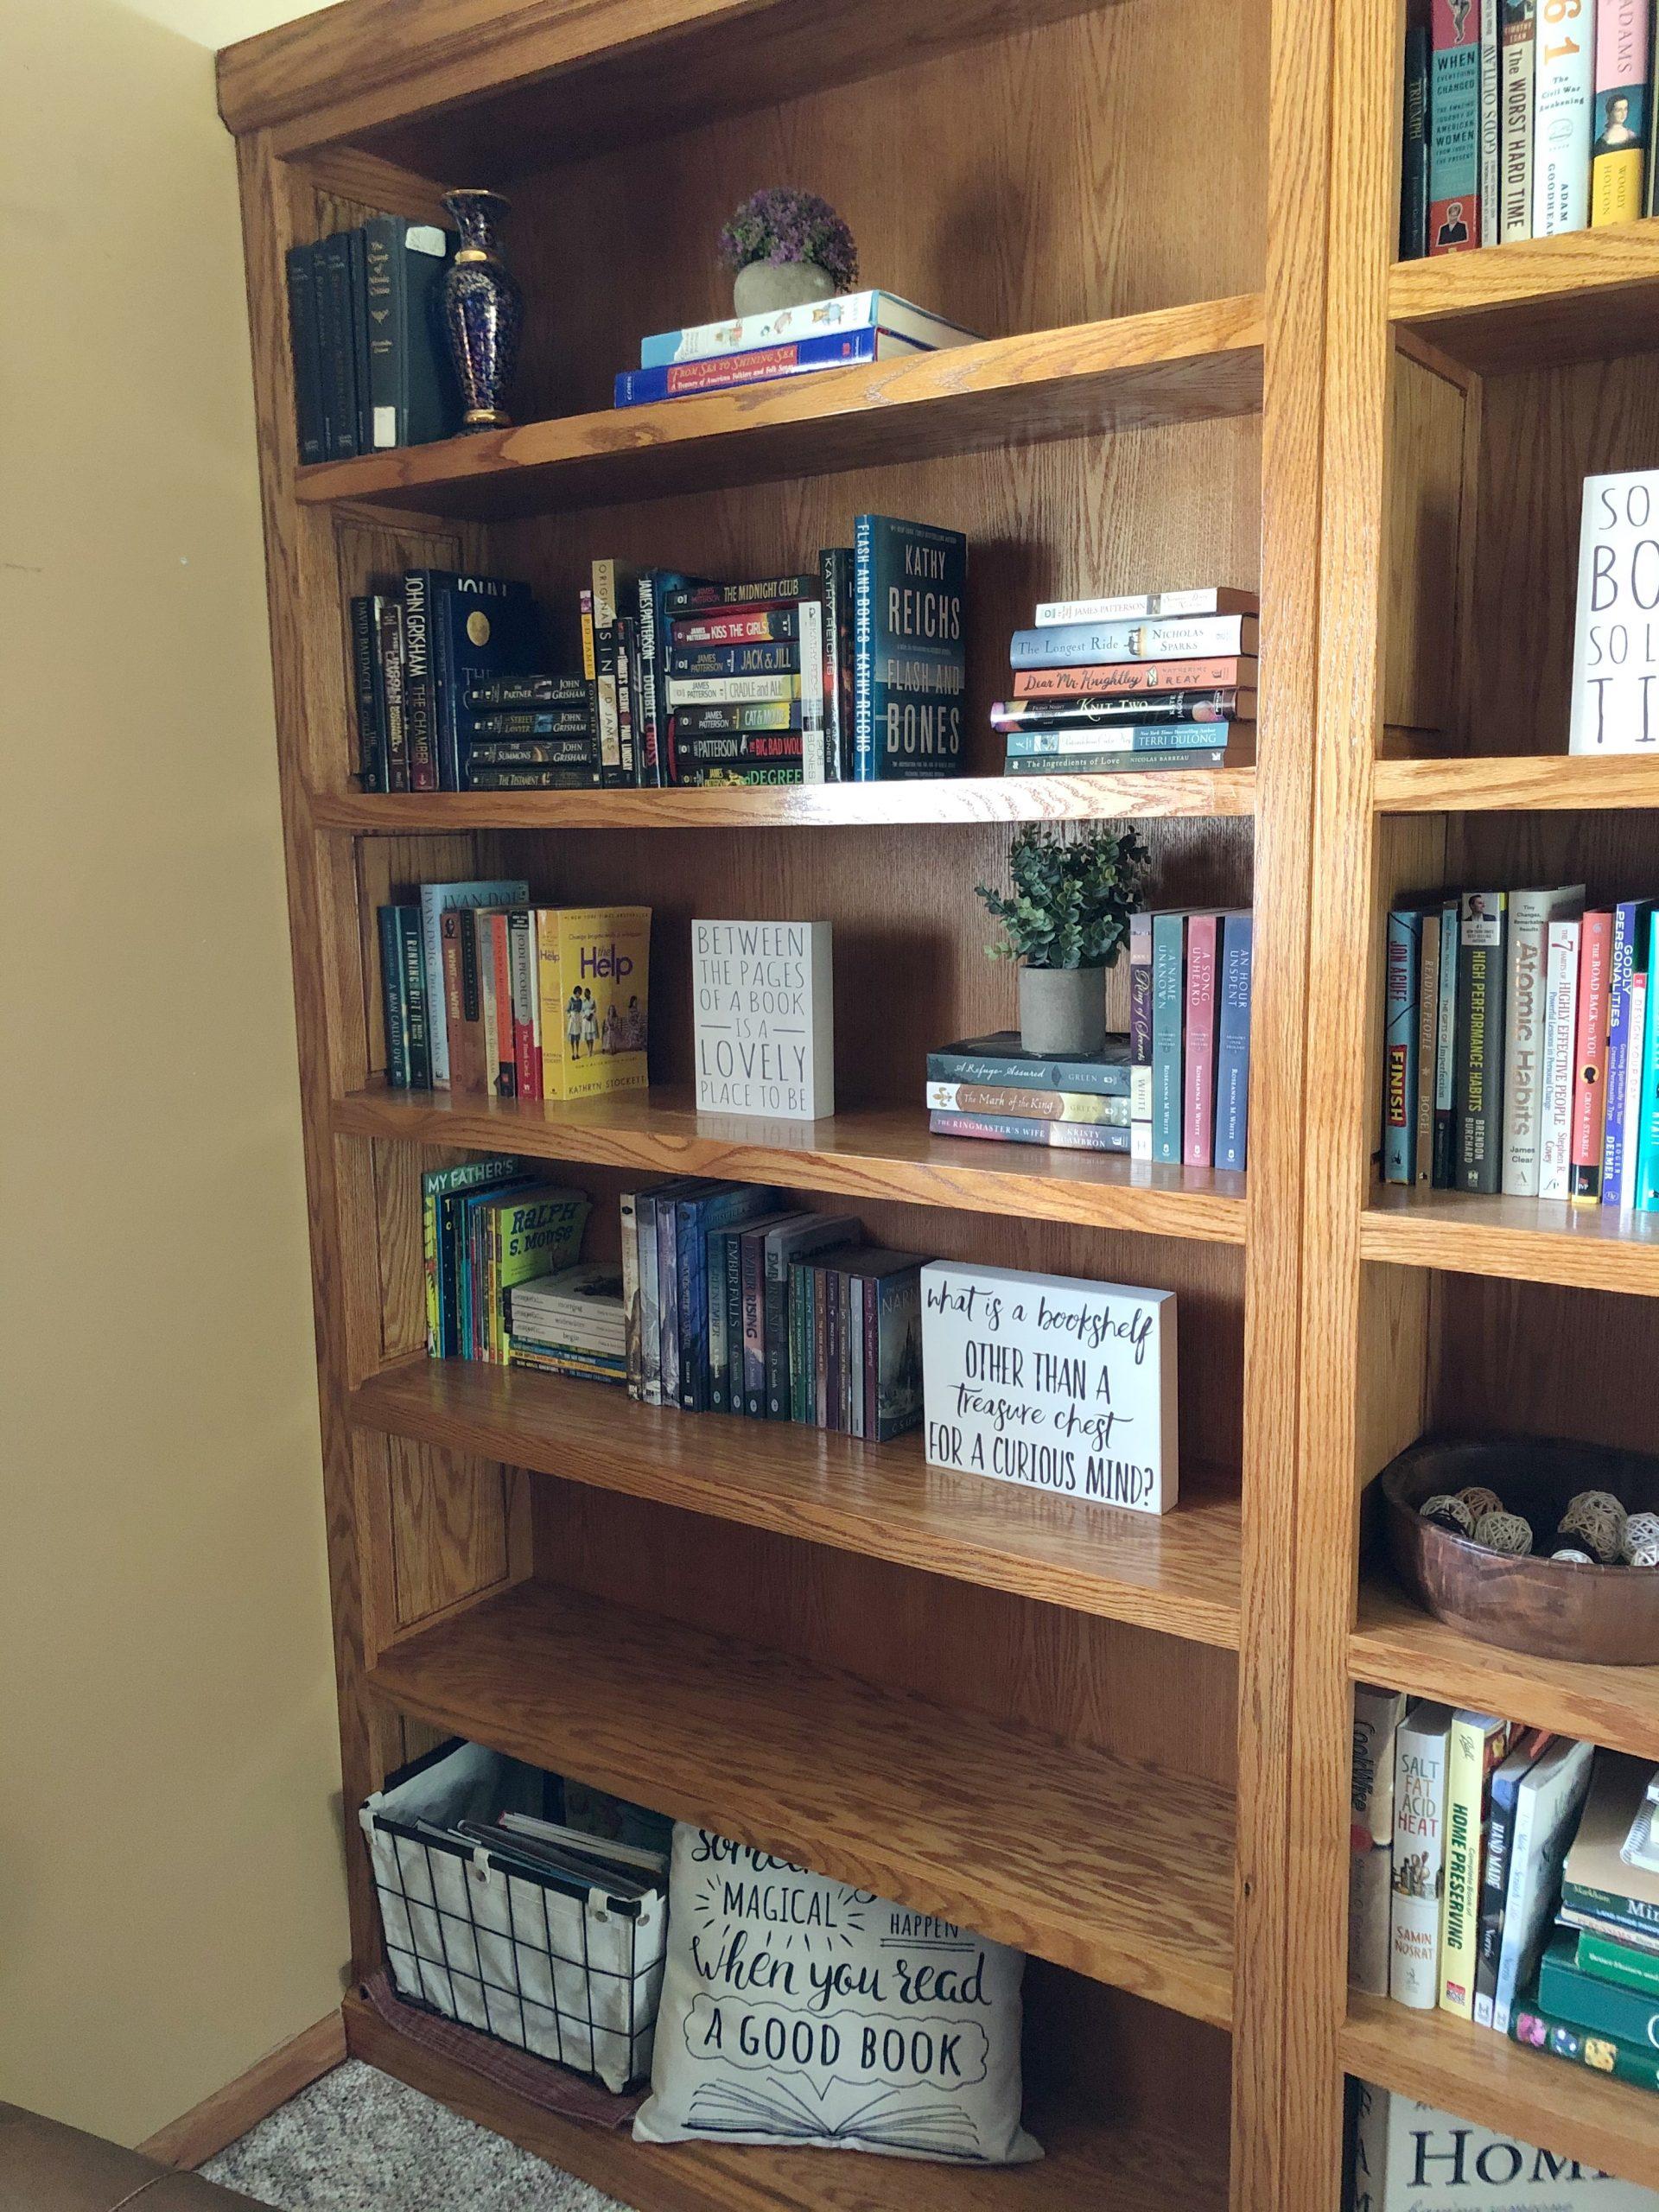 Far bookcase -- fiction